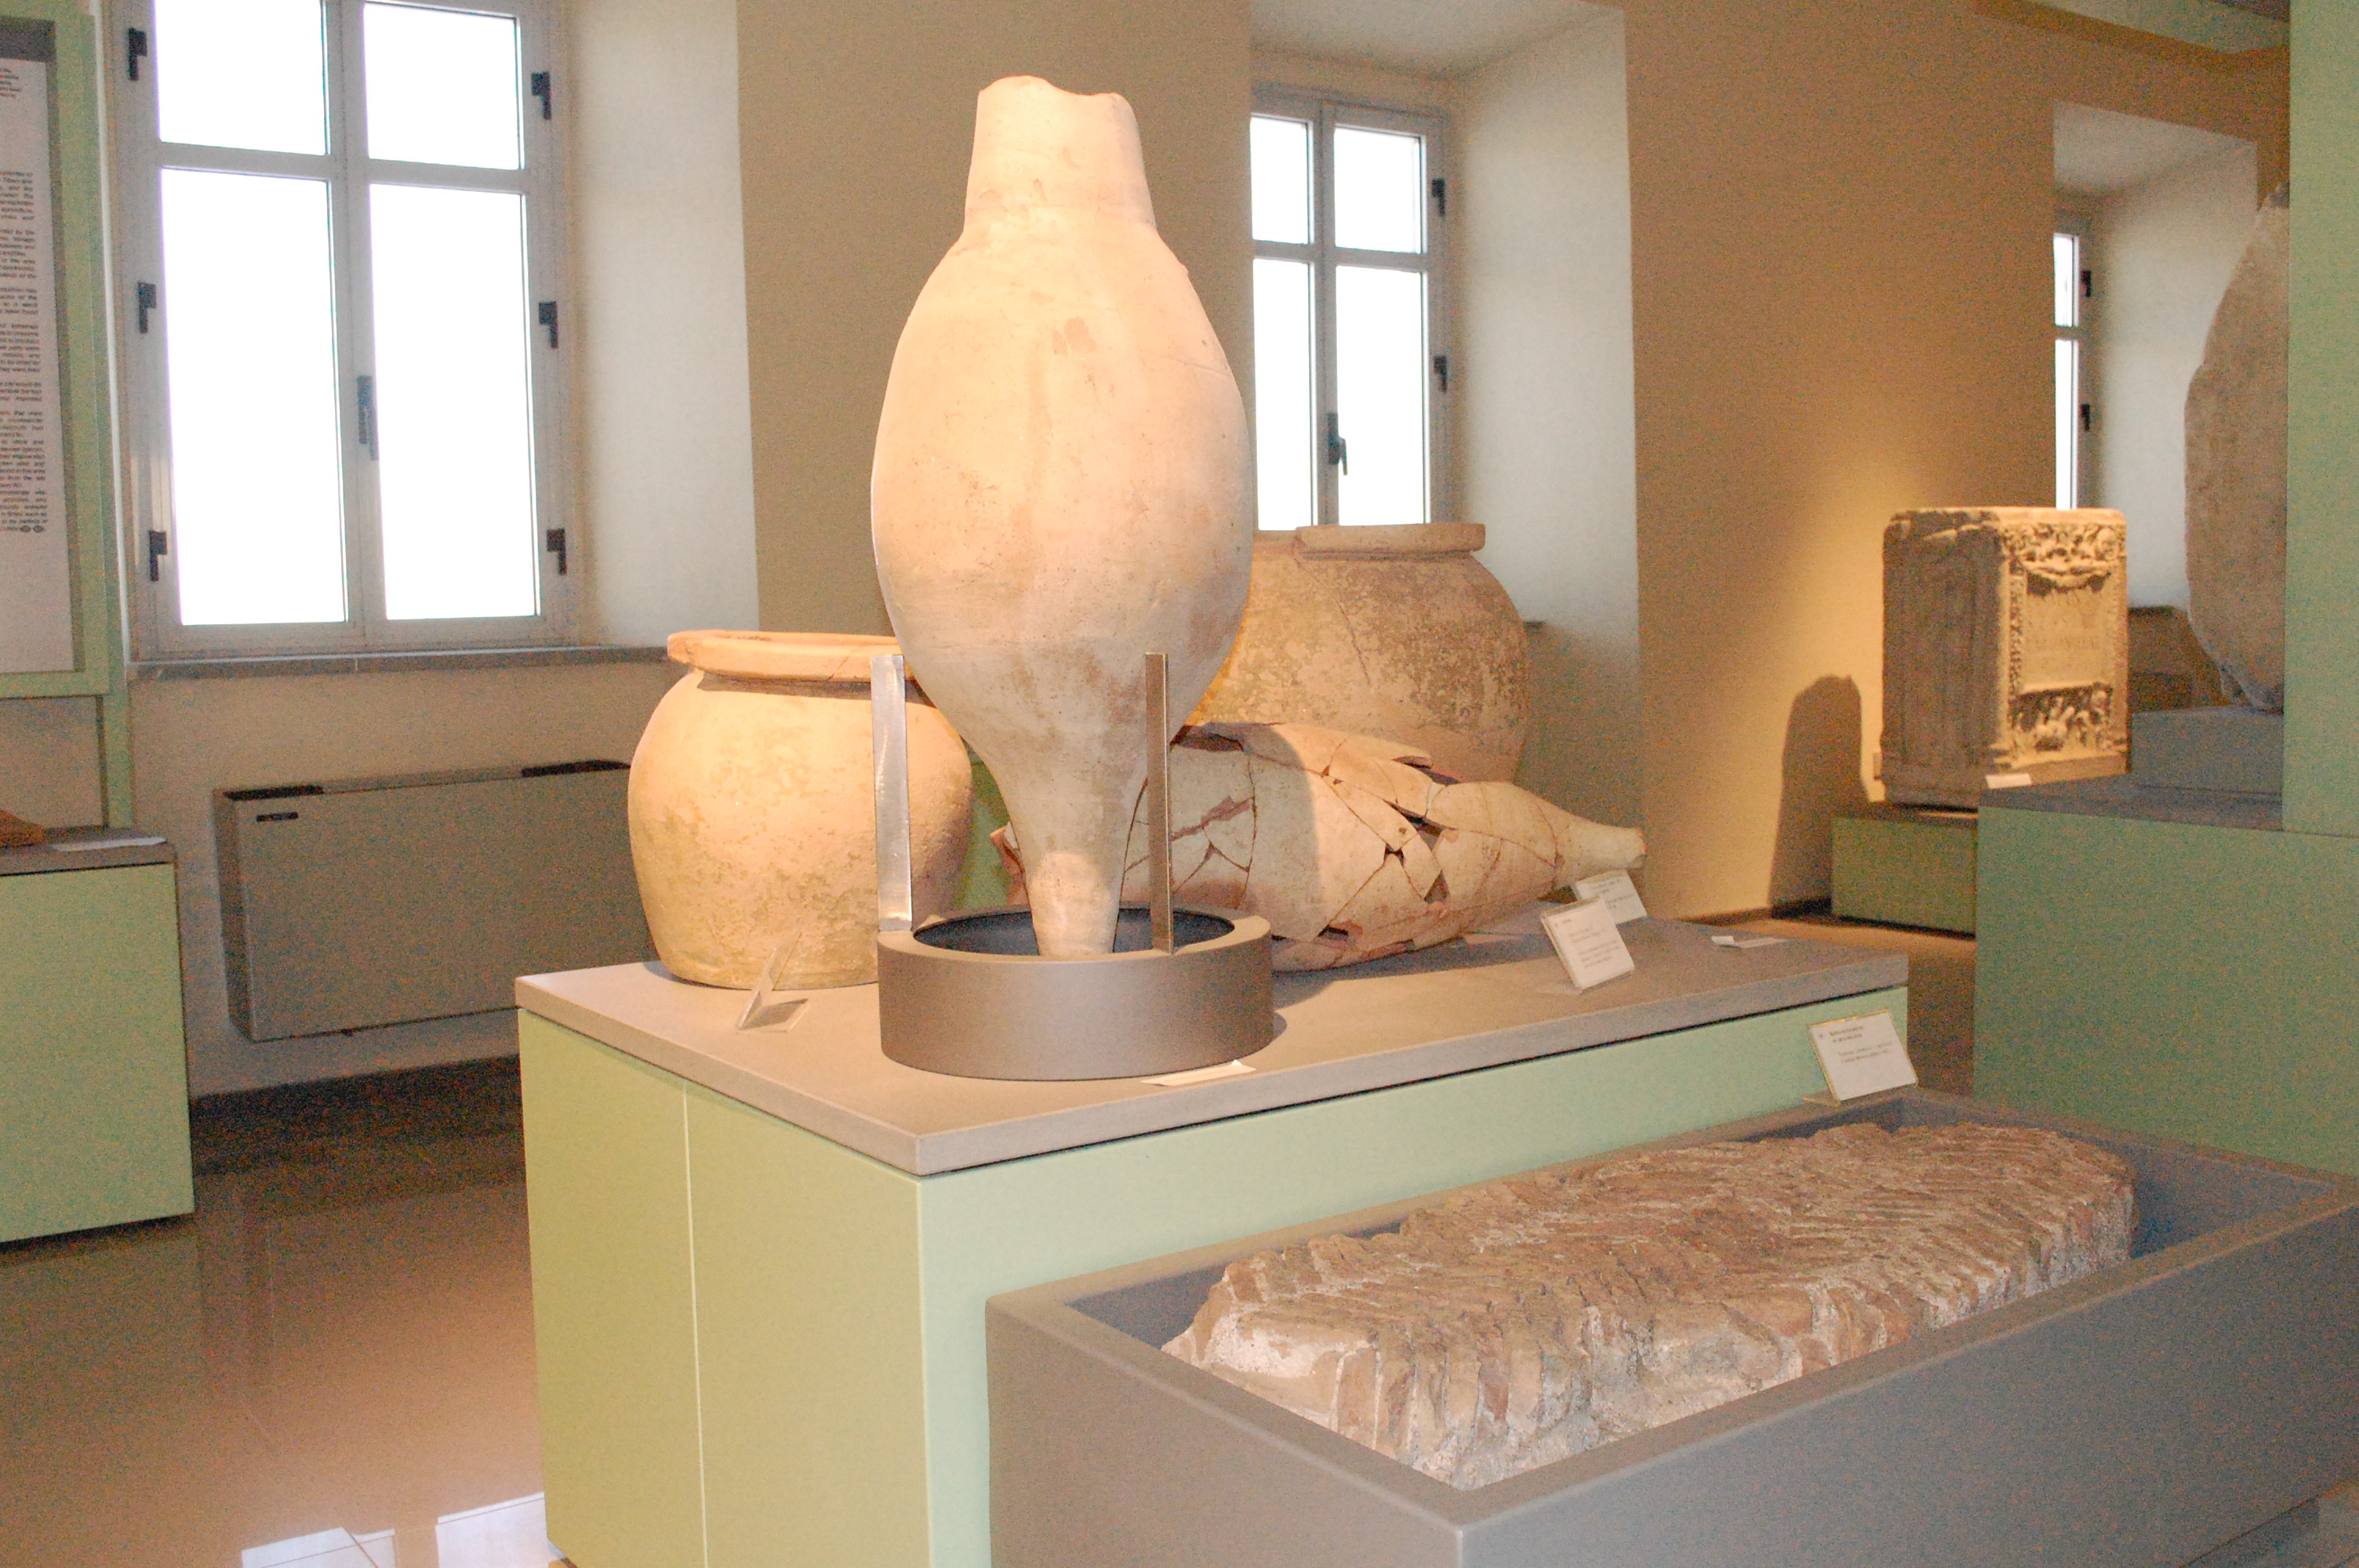 Beni culturali, il Sadirs: a rischio l'apertura dei musei in Sicilia